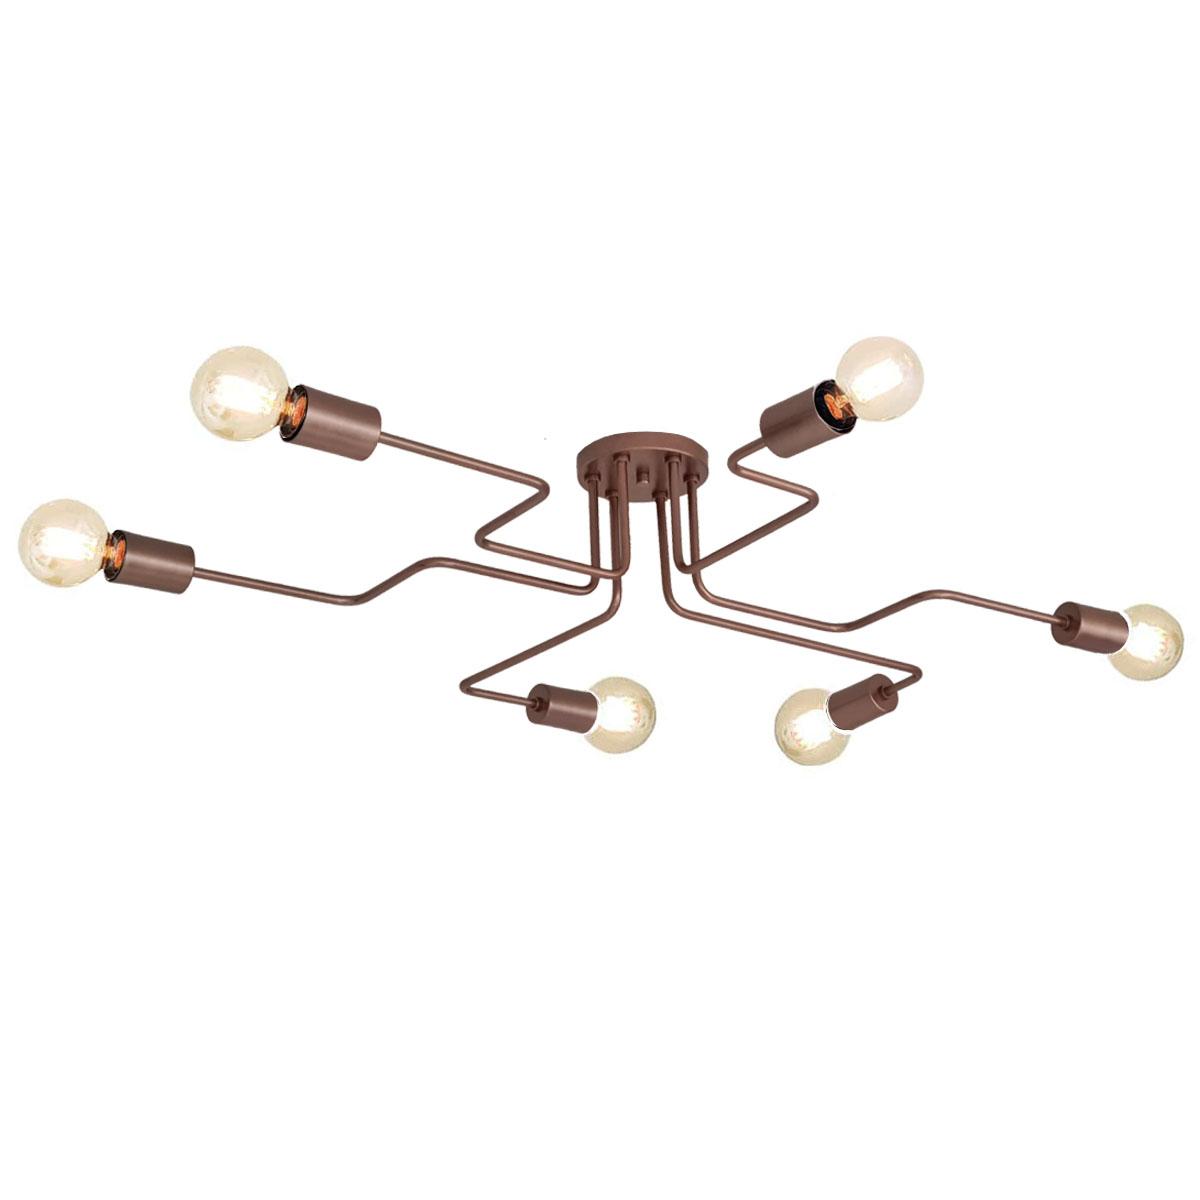 Plafon Decorativo Aranha Eletro 6 Braços -  Cobre